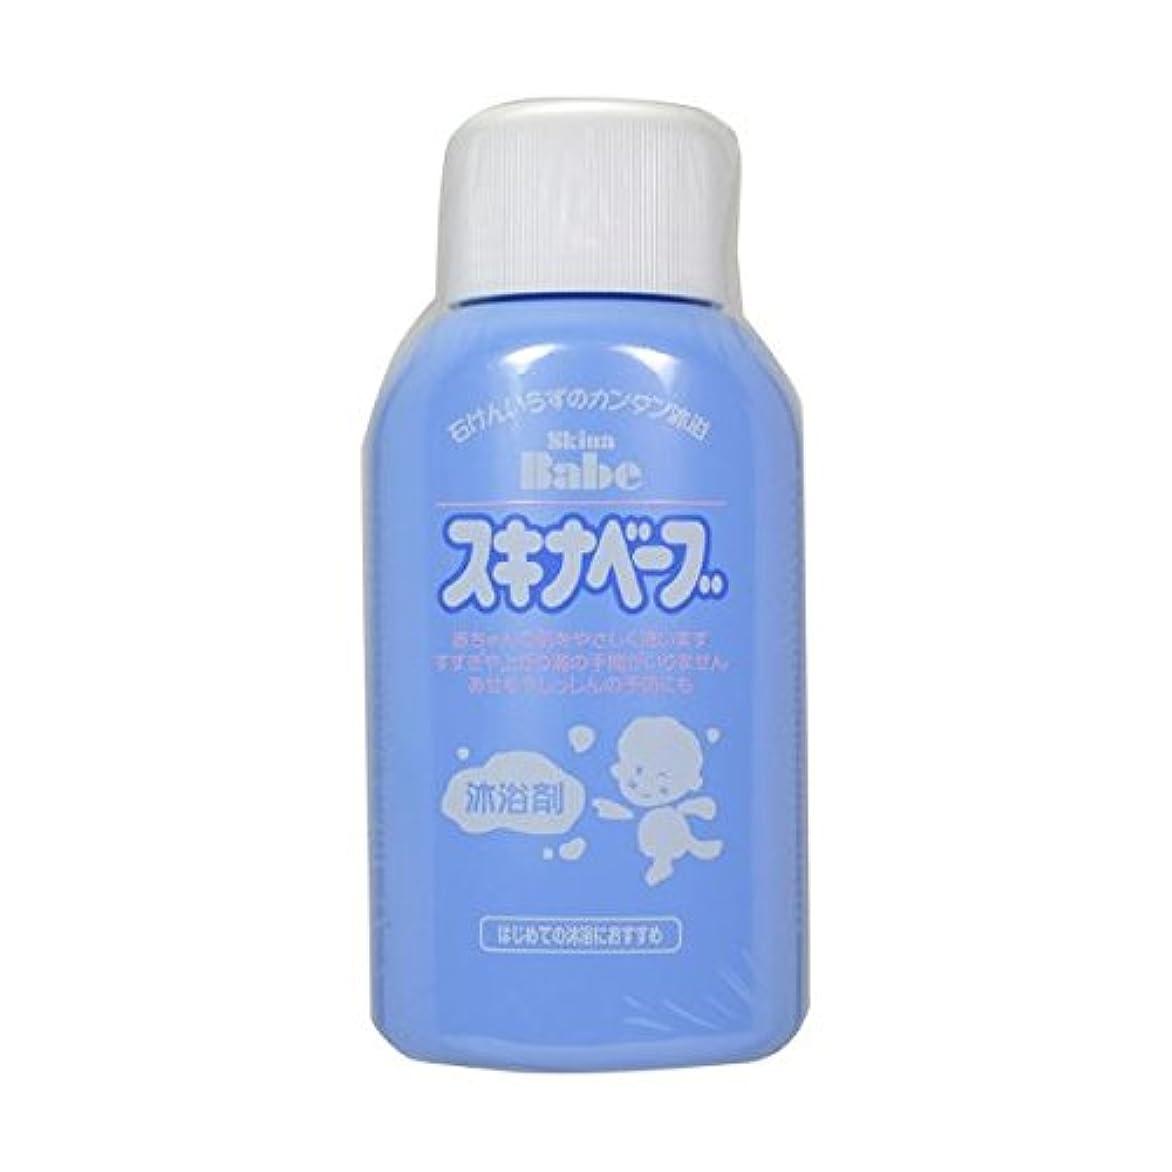 スキナベーブ 200ml(入浴剤)×2個